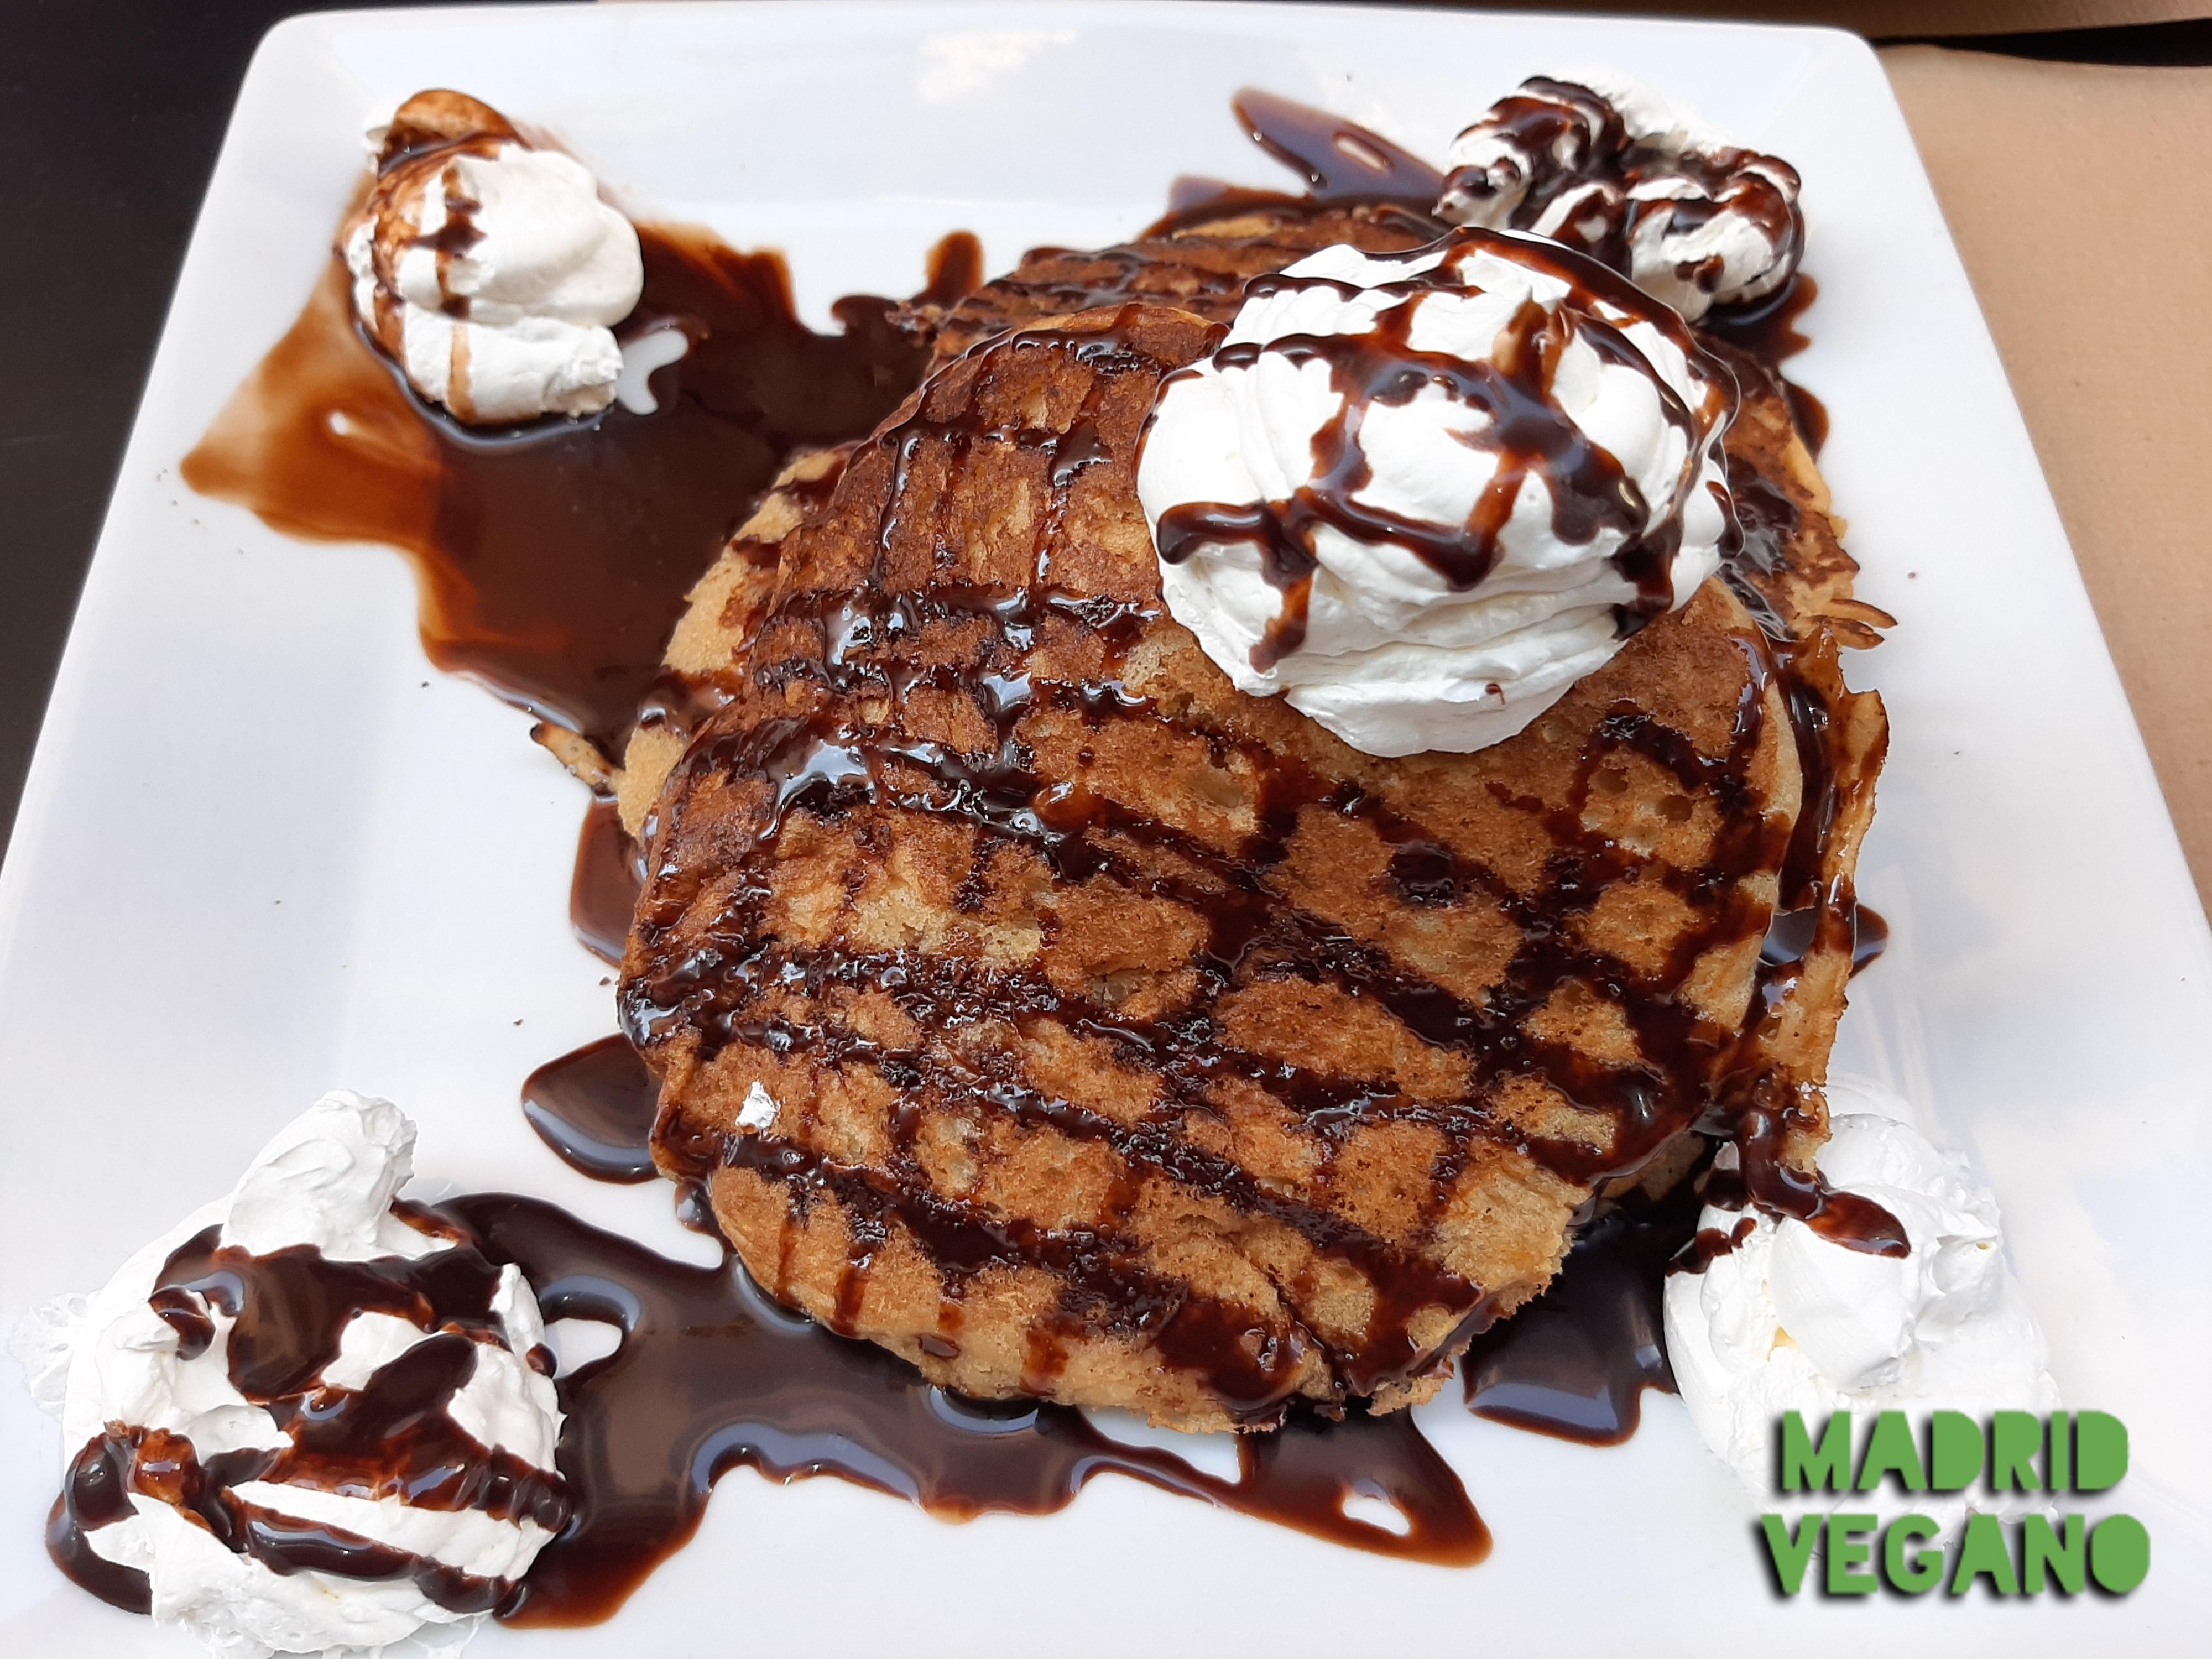 Freedom Cakes Café: dulce, salado y vegano en su nuevo local en Sol